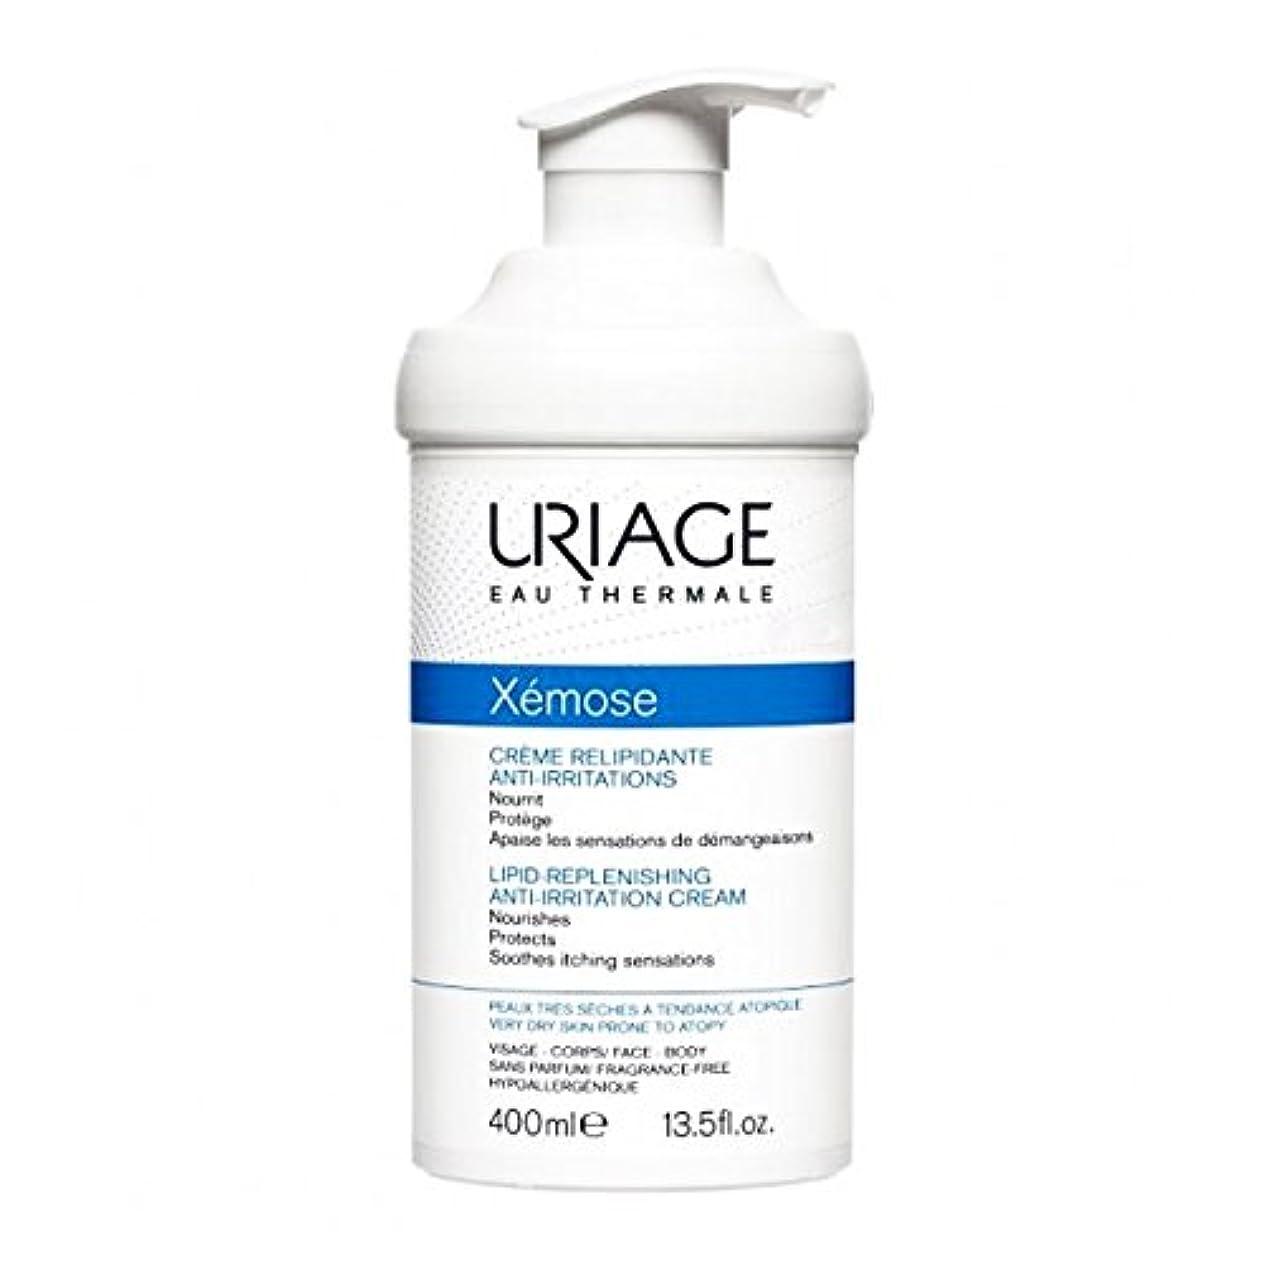 ペルソナ苦行加速するUriage X駑ose Universal Emollient Cream 400ml [並行輸入品]